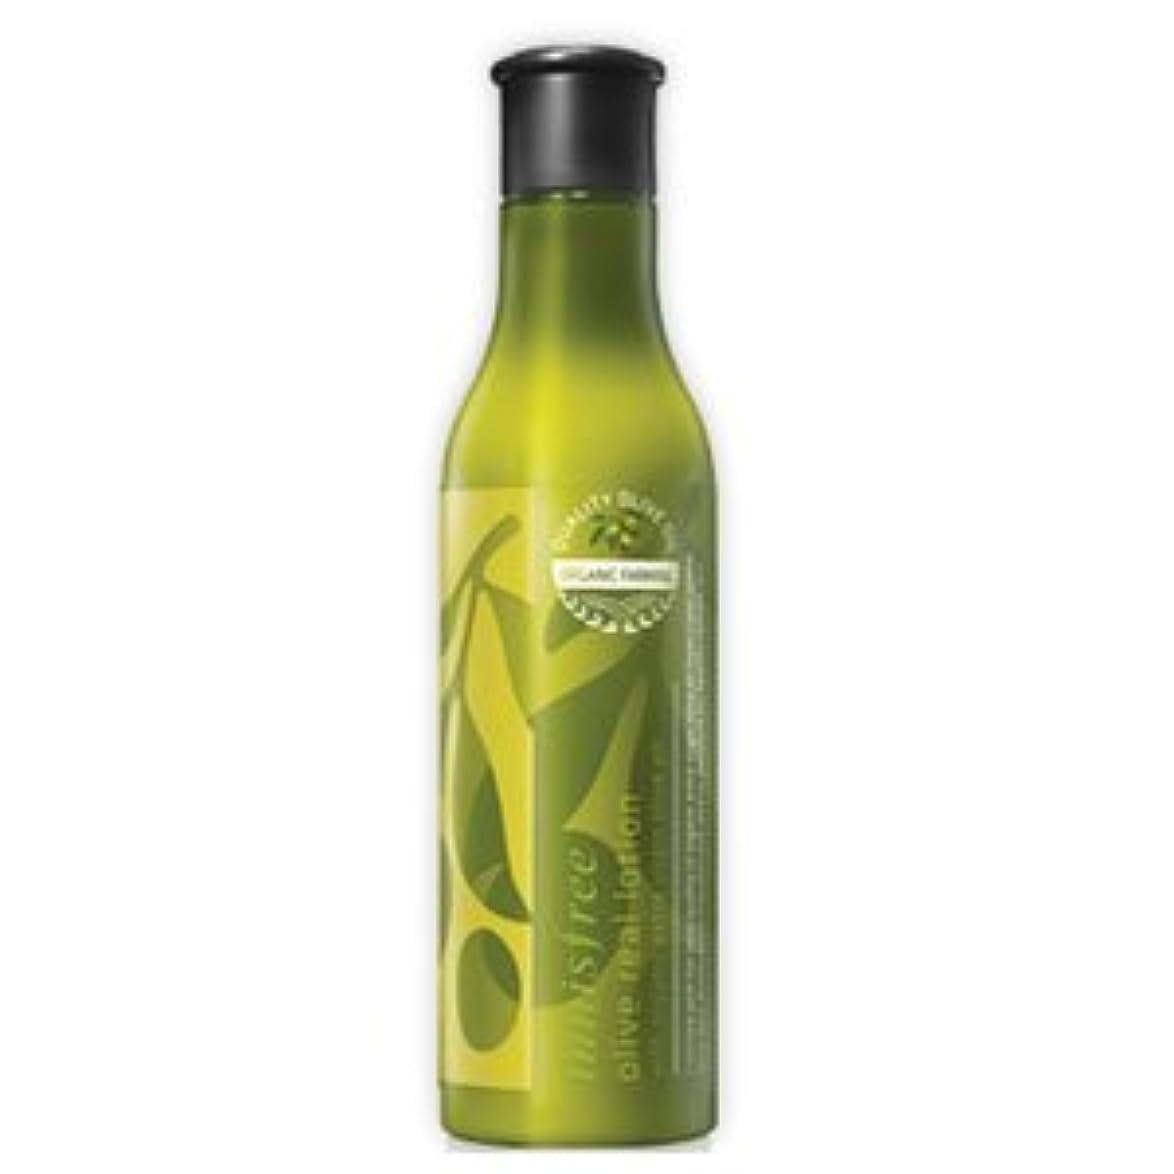 応じるマラドロイト歪めるinnisfree(イニスフリー) 保湿栄養 オリーブリアル ローション 乳液 160ml